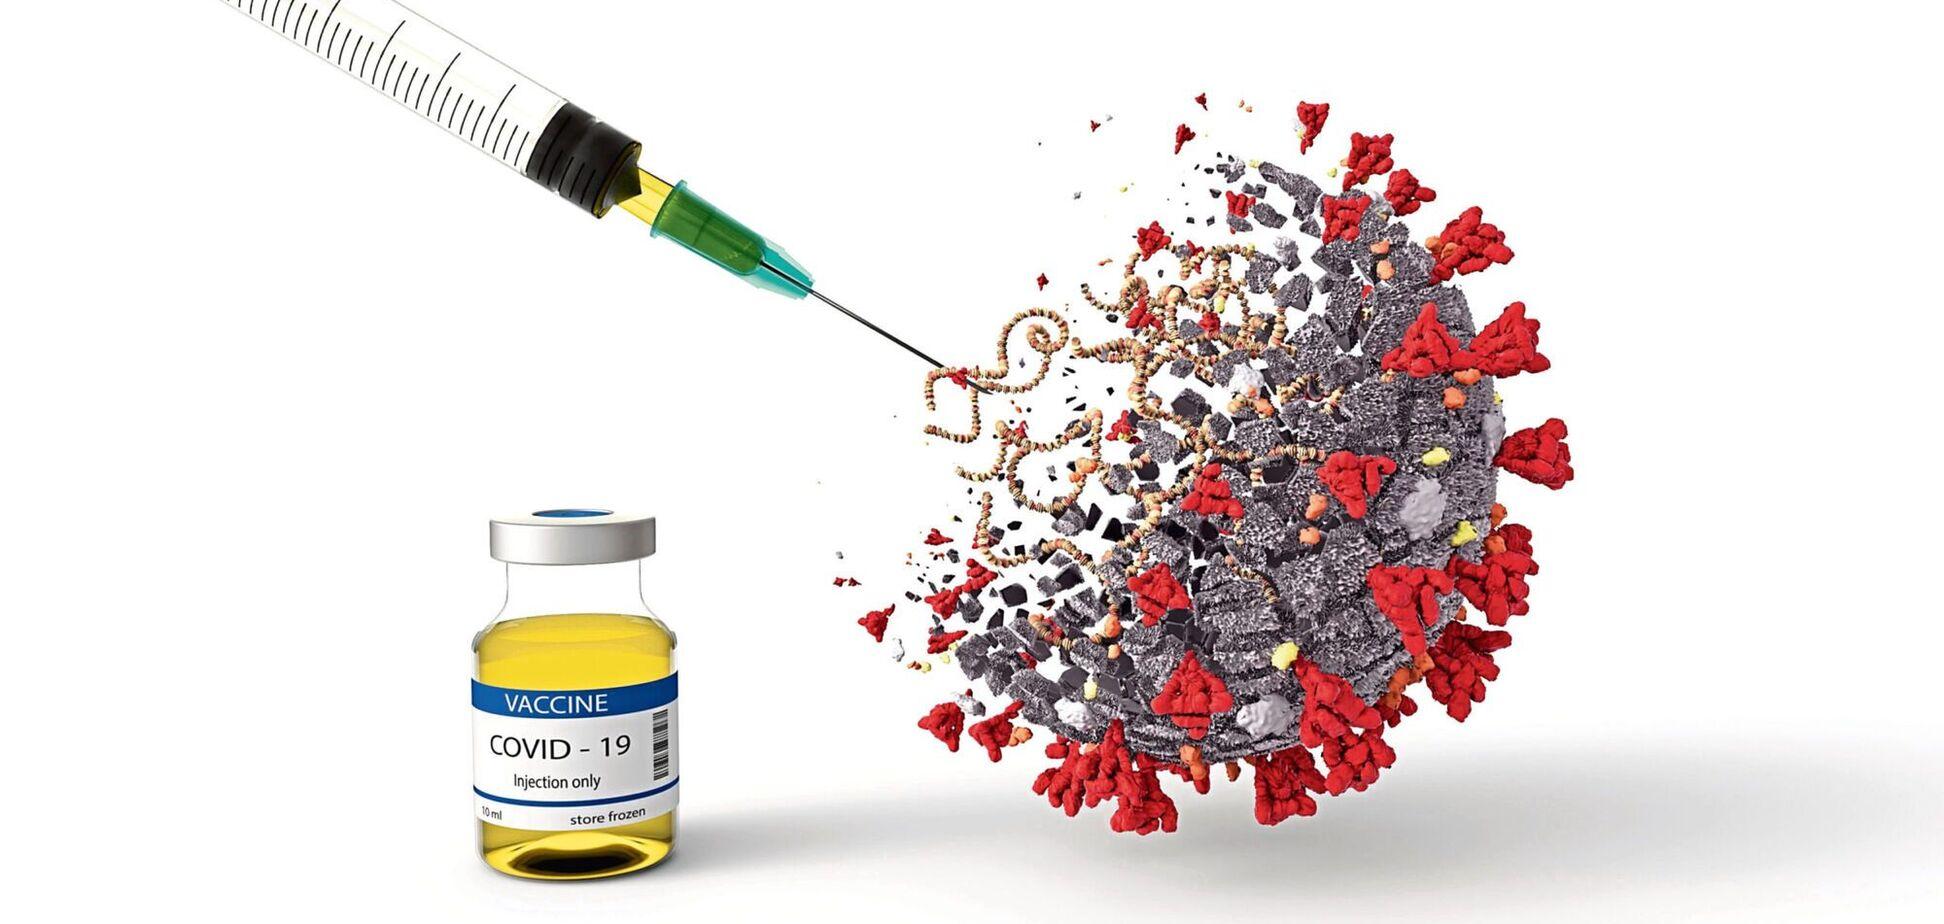 Коронавірус вакцинацією не зупинити, у всякому разі поки що